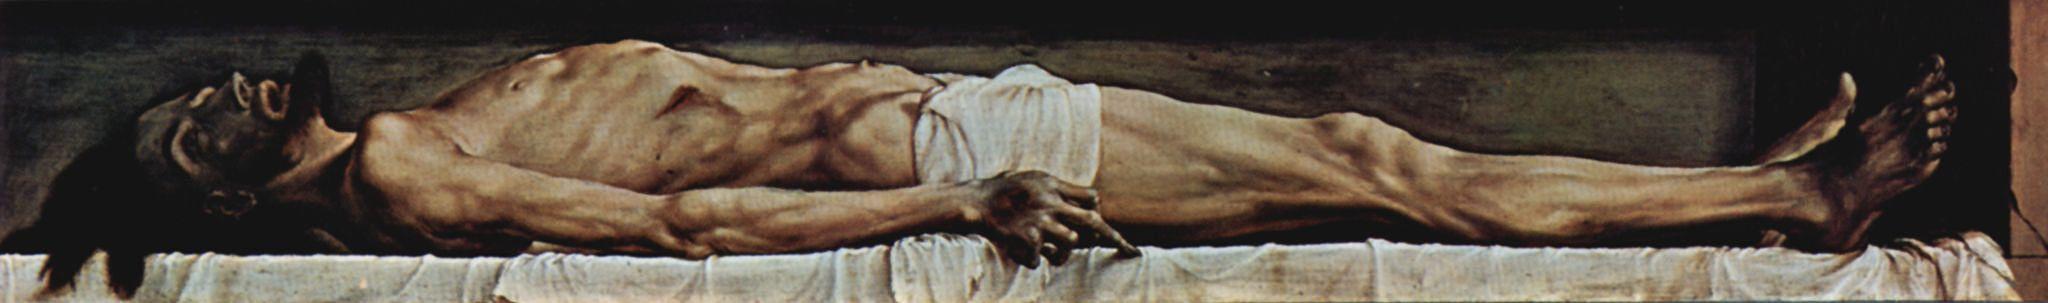 Ганс Гольбейн Младший. Алтарь Ганса Оберрида в кафедральном соборе Фрайбурга, пределла: Мертвый Христос